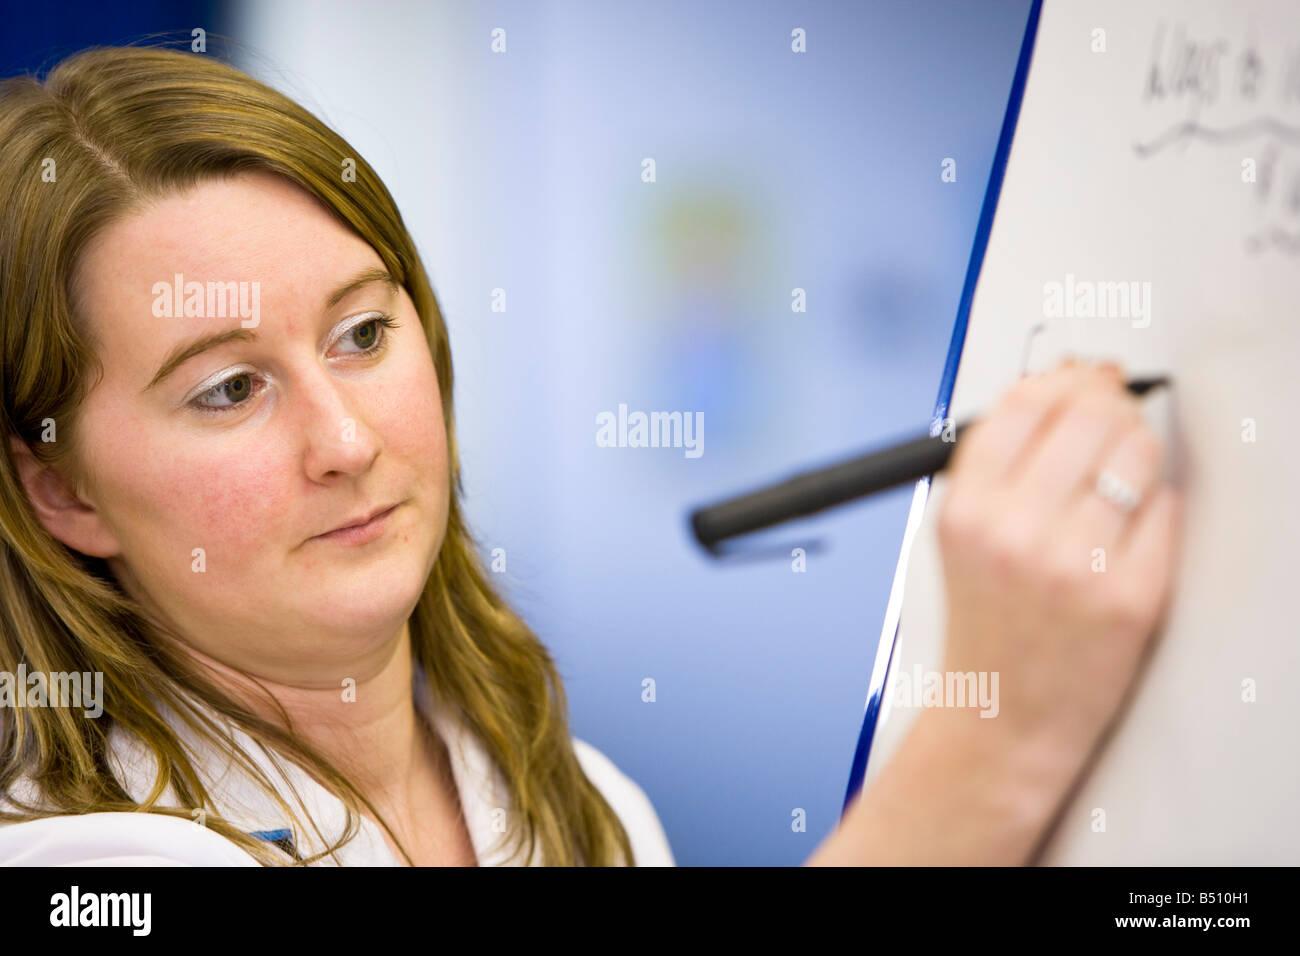 Krankenschwester mit einem Kreisdiagramm zu Gruppen von Lebensmitteln in einer gesunden Ernährung Klasse Lehren Stockbild